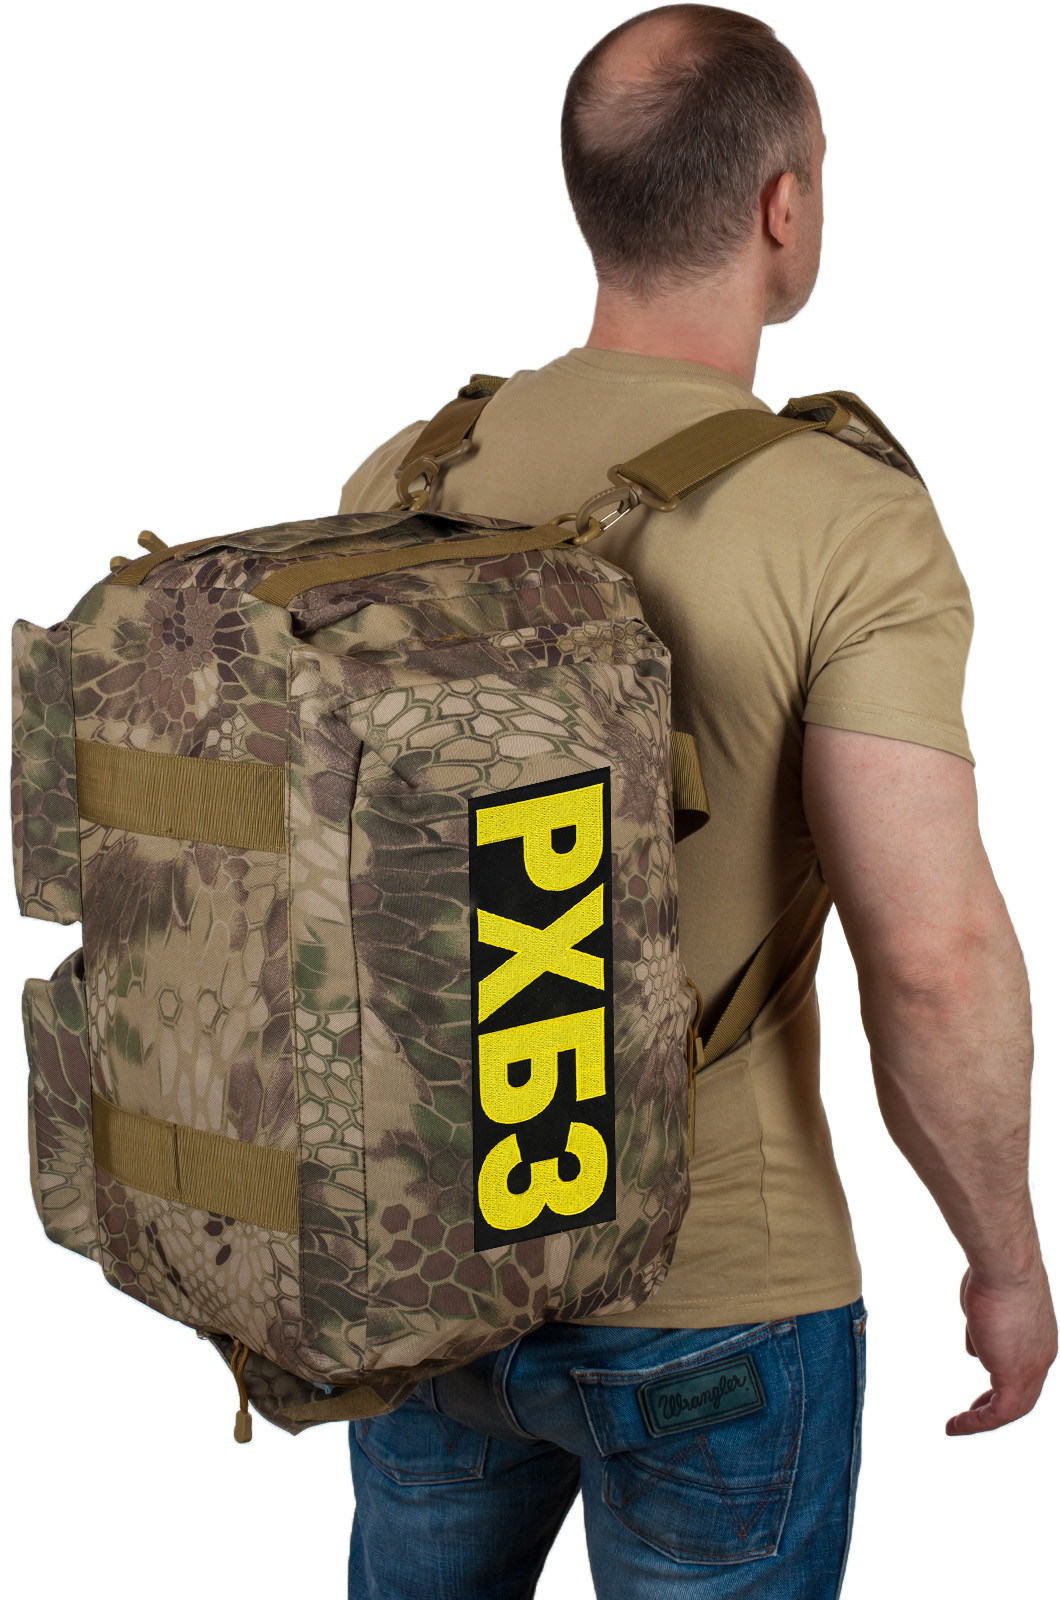 Купить камуфляжную сумку для походов РХБЗ по лучшей цене